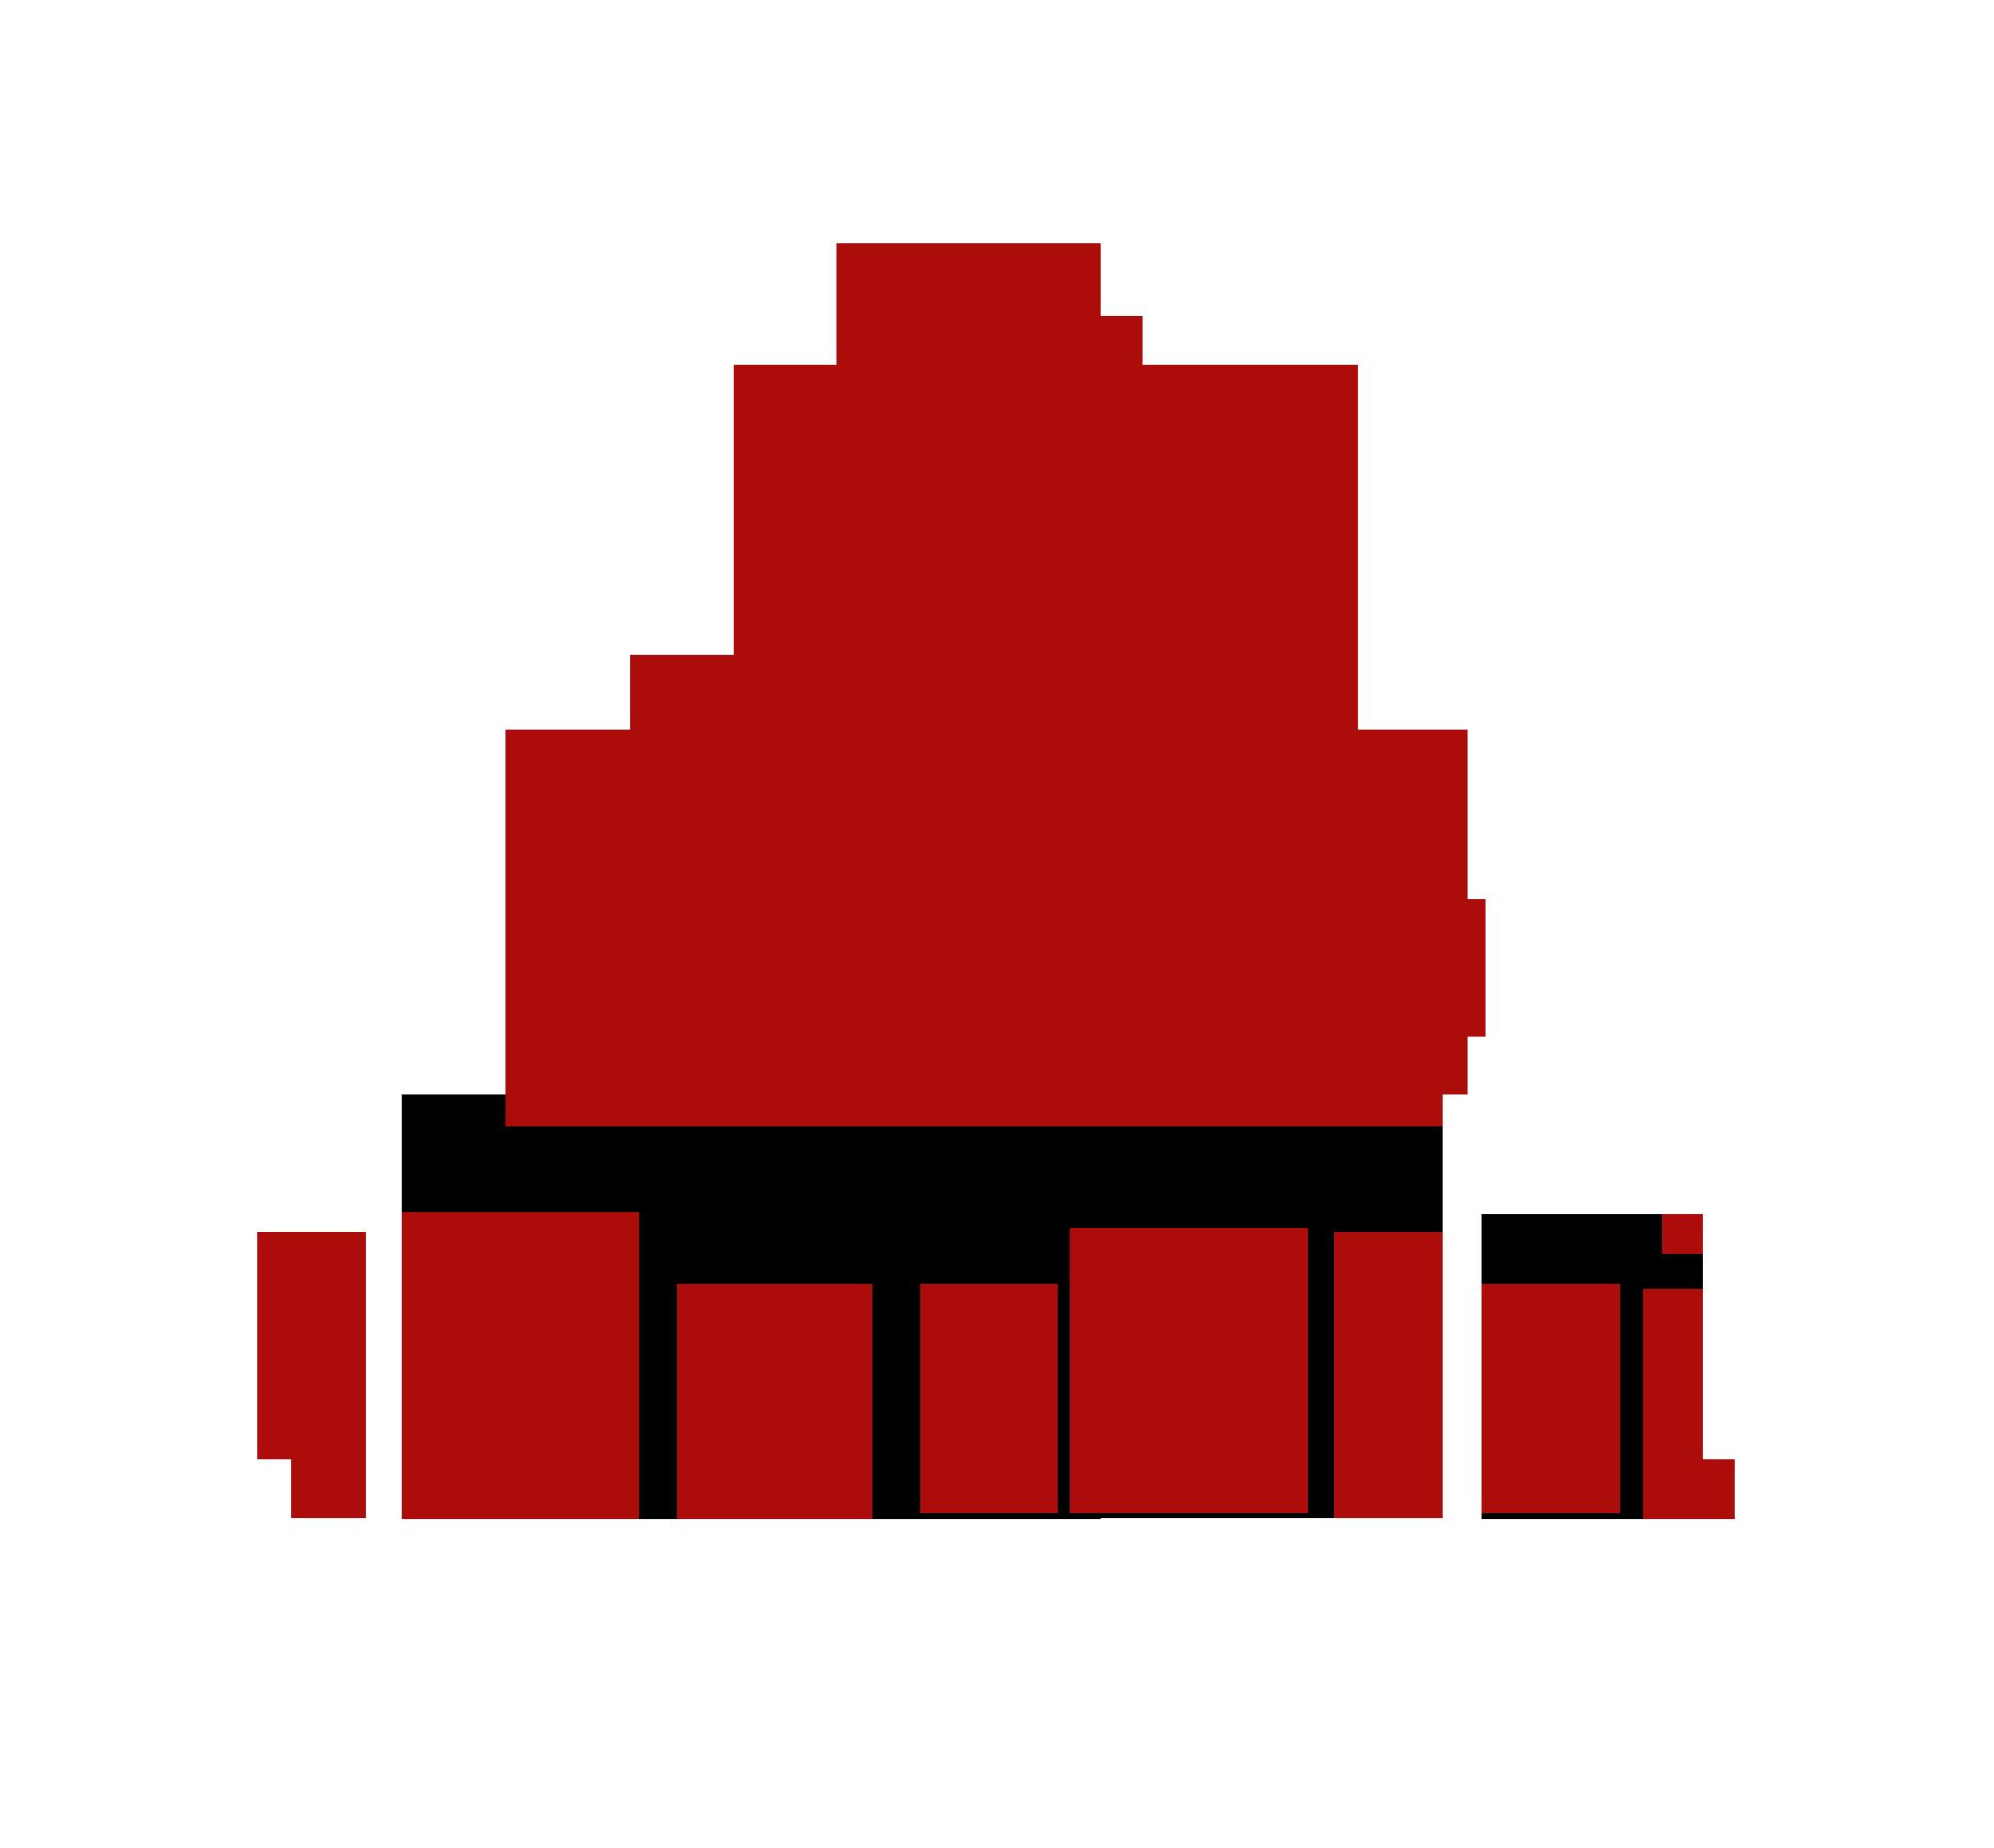 thorXtri-logo (1) rød.png